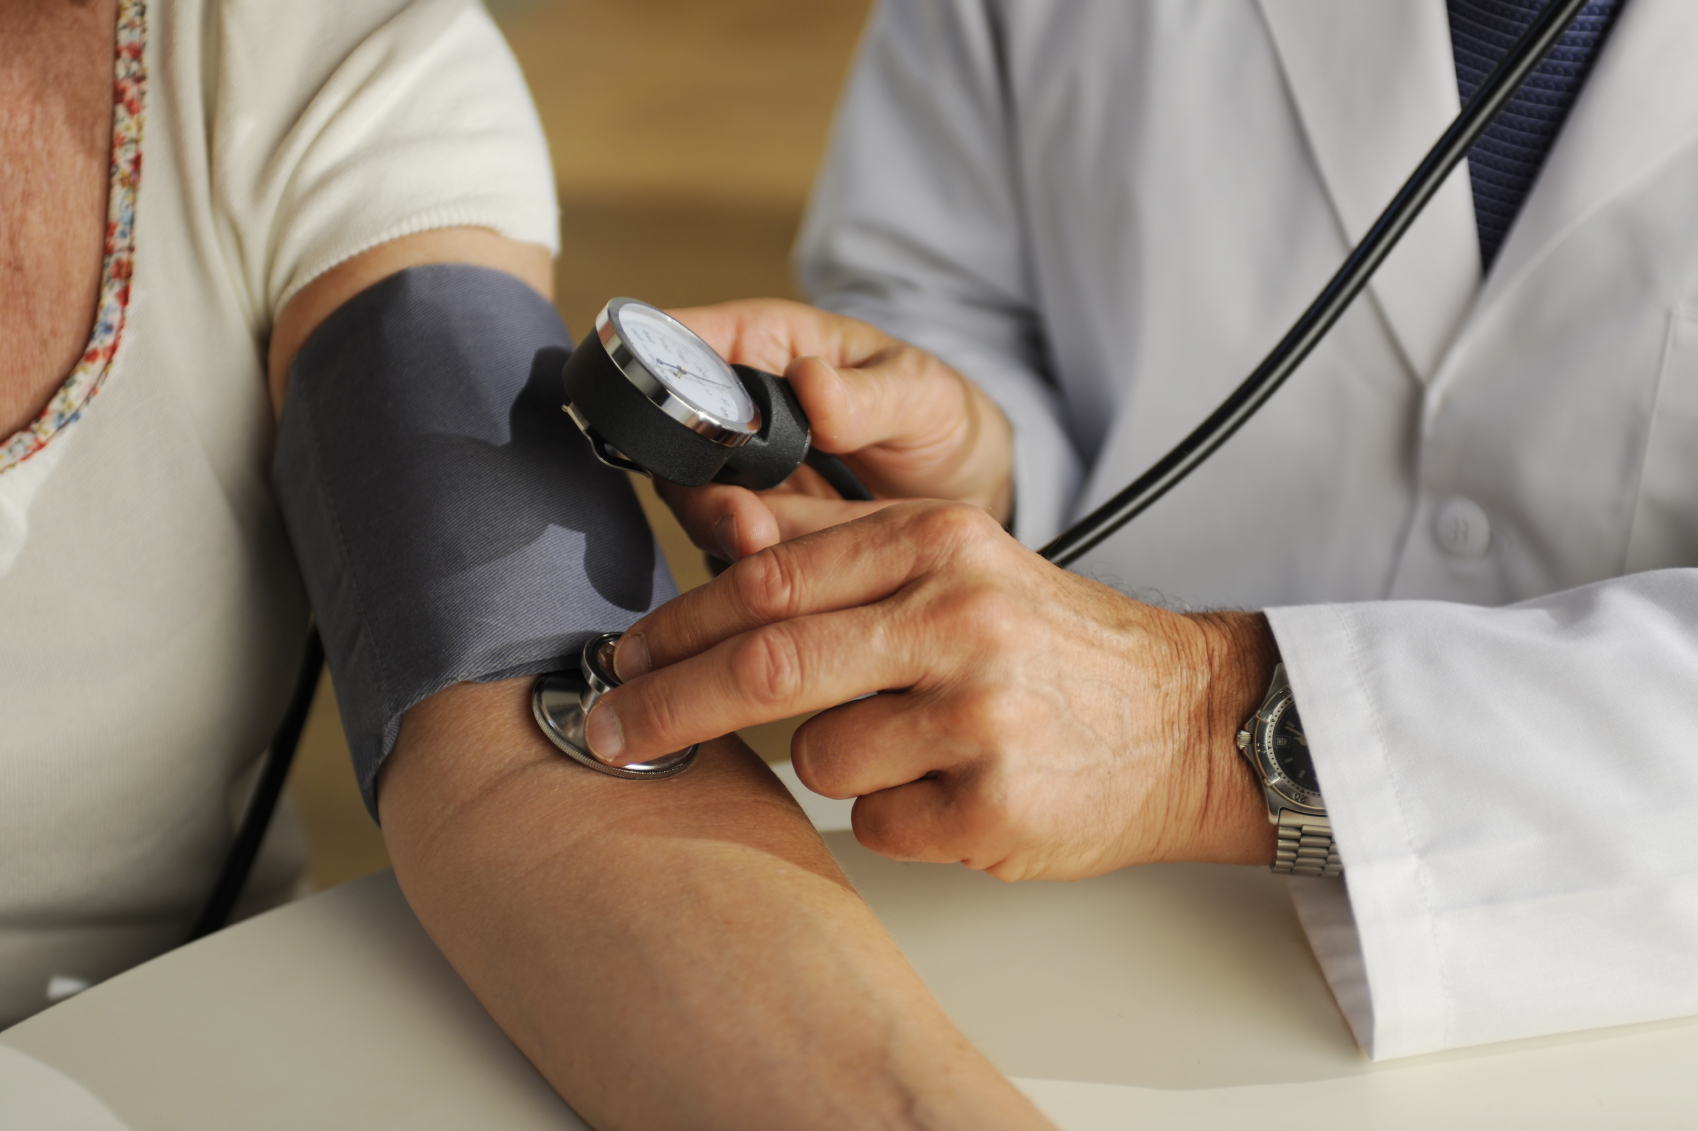 نصائح سريعة لكي عند قياس ضغط الدم